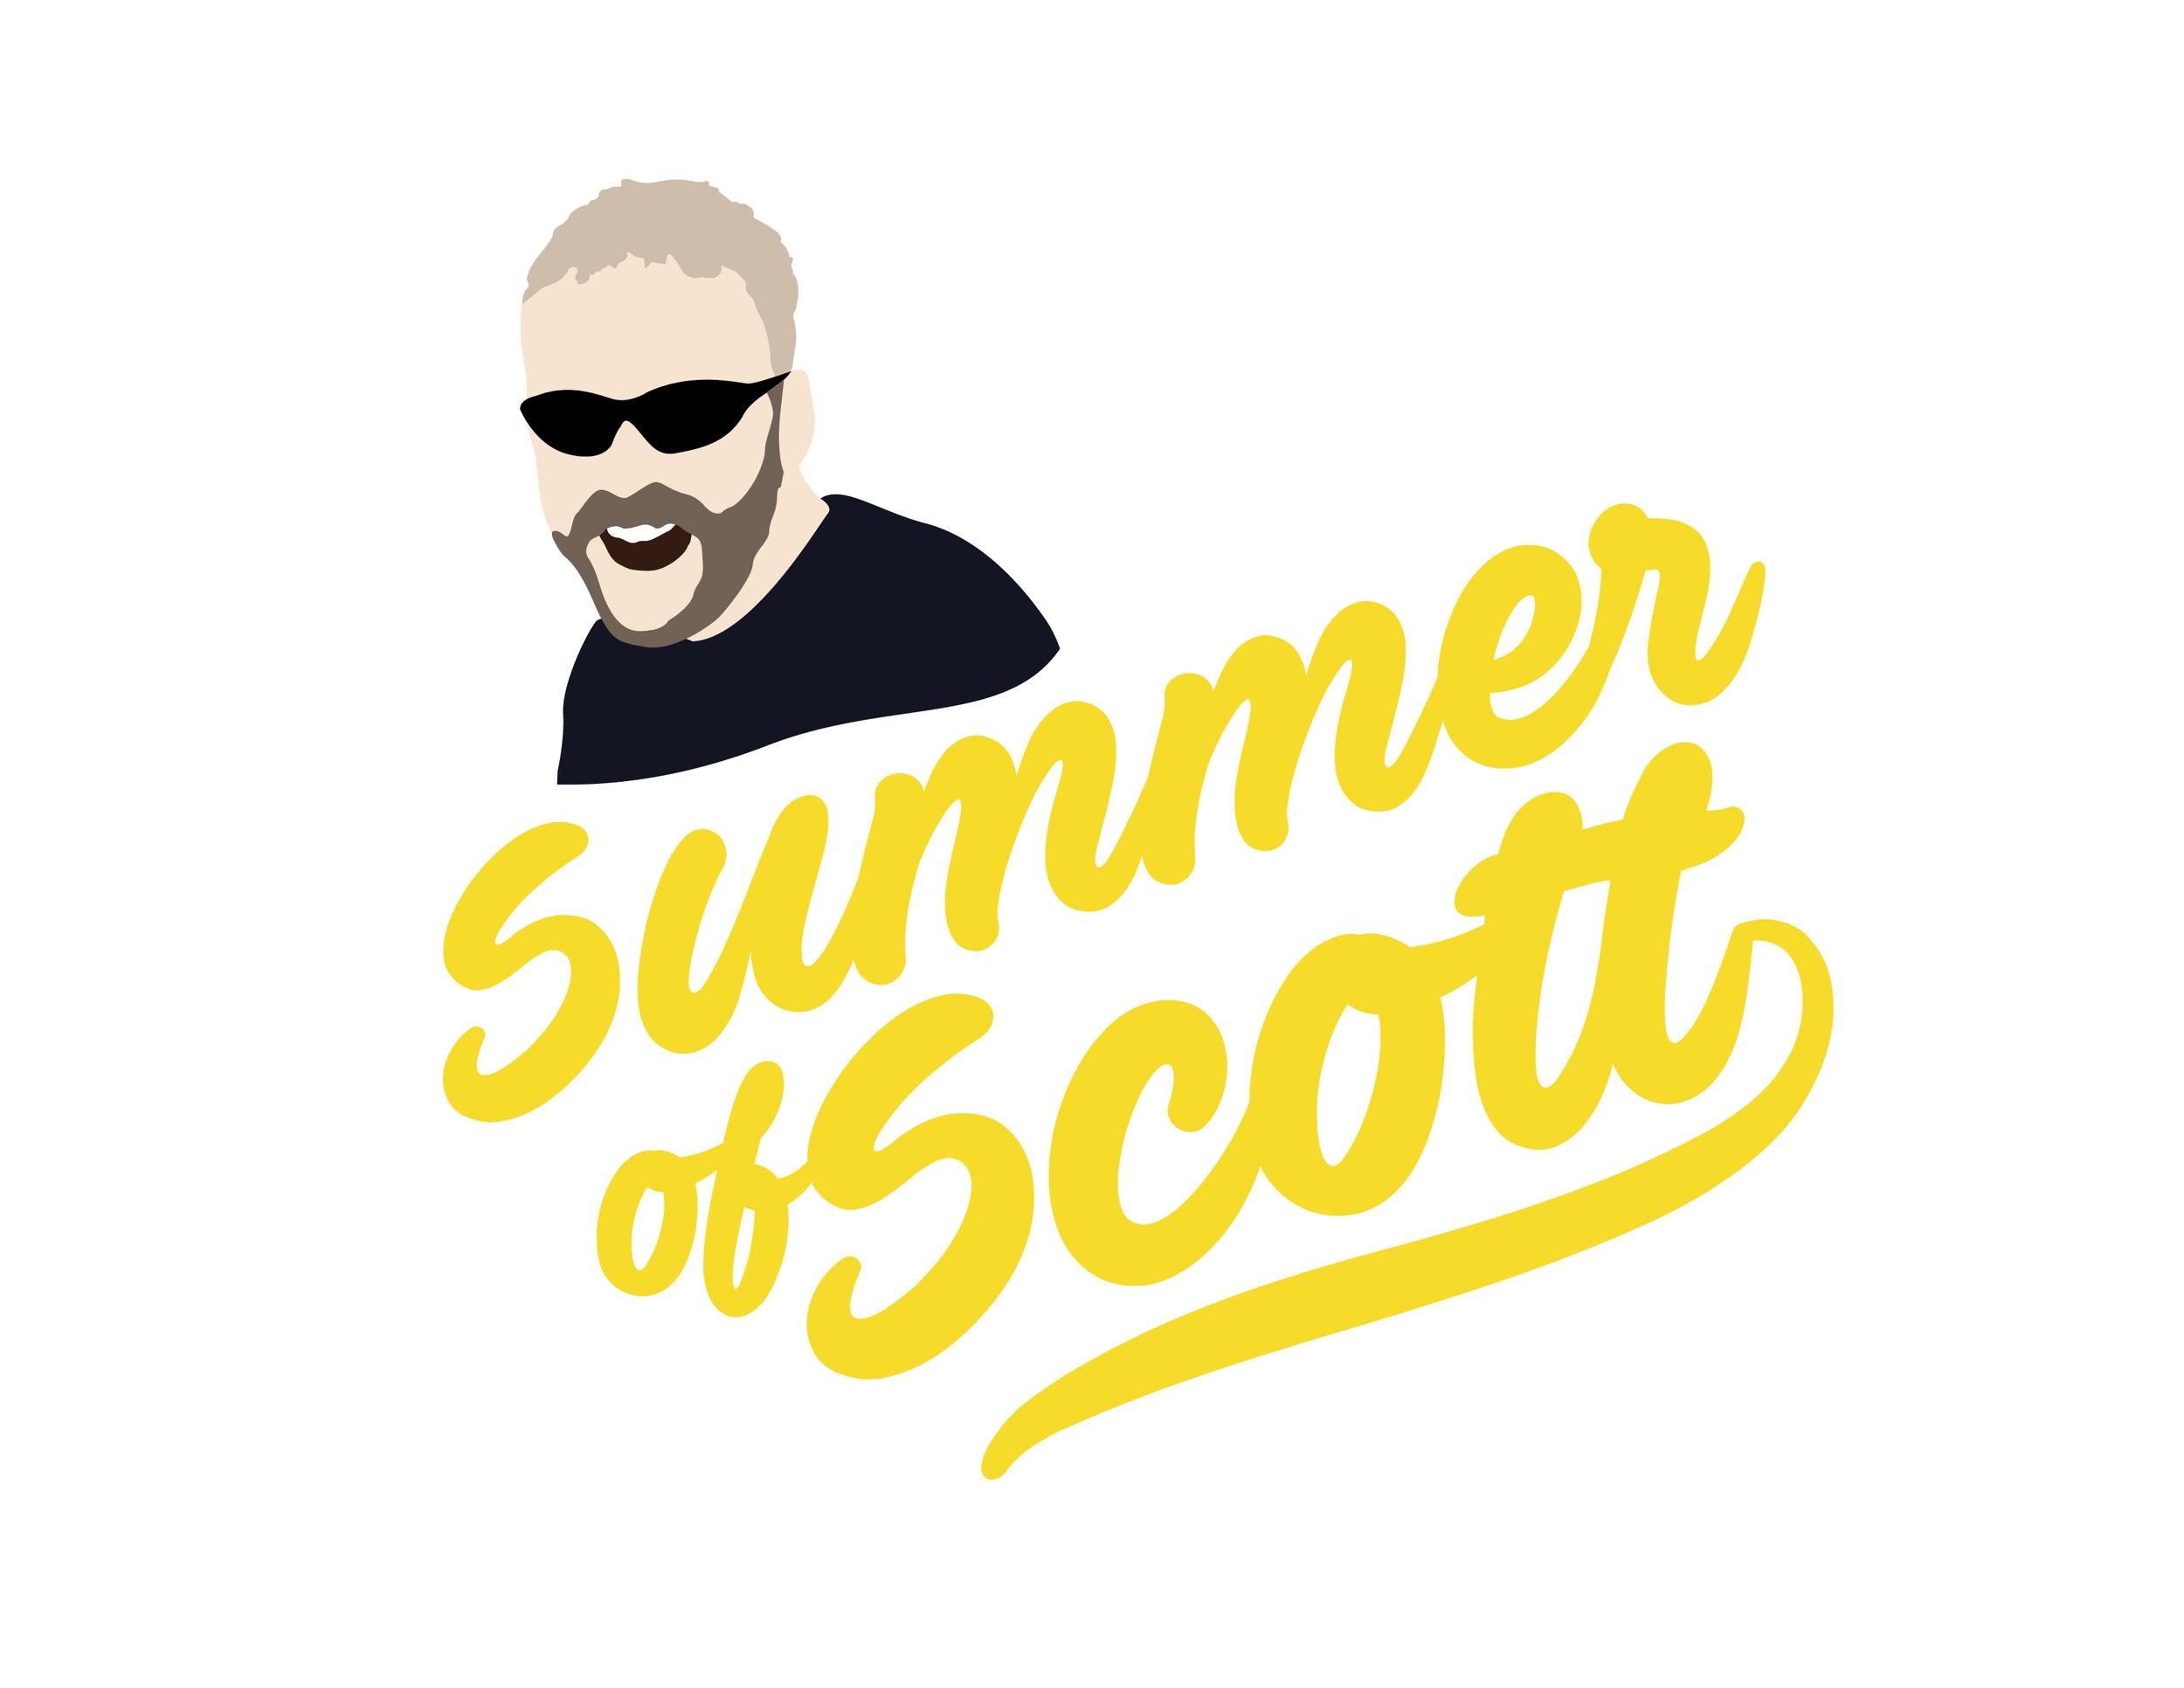 summerofscott-01 copy.png